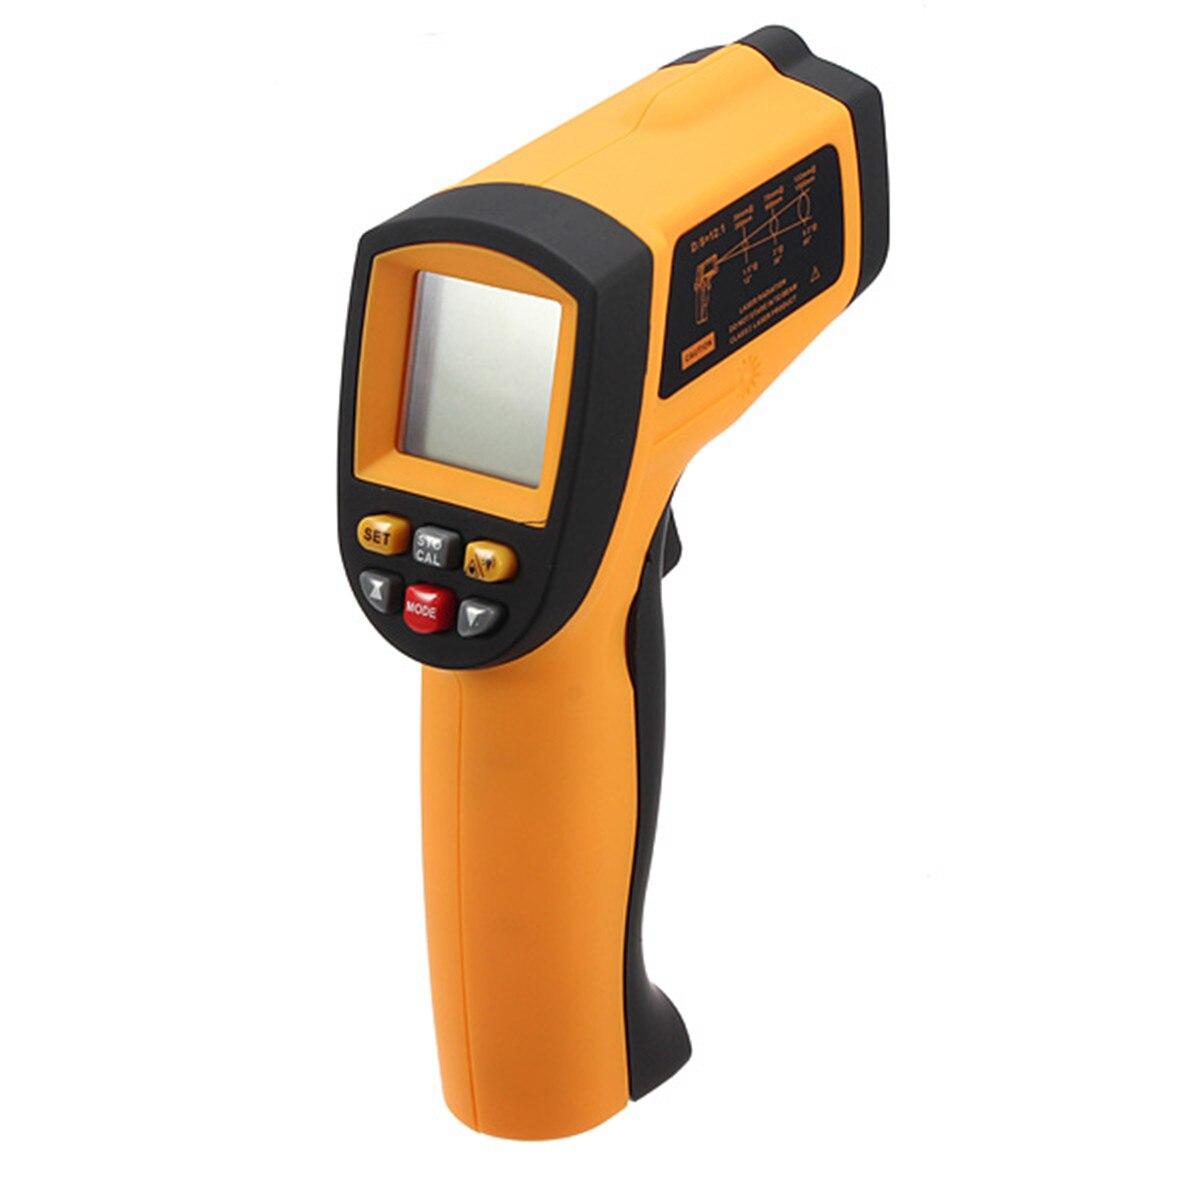 GM900 LCD Digitale A Infrarossi Termometro Pistola IR Laster Tester di Temperatura Senza contatto Portatile-50 ~ 900 Gradi Centigradi pirometro